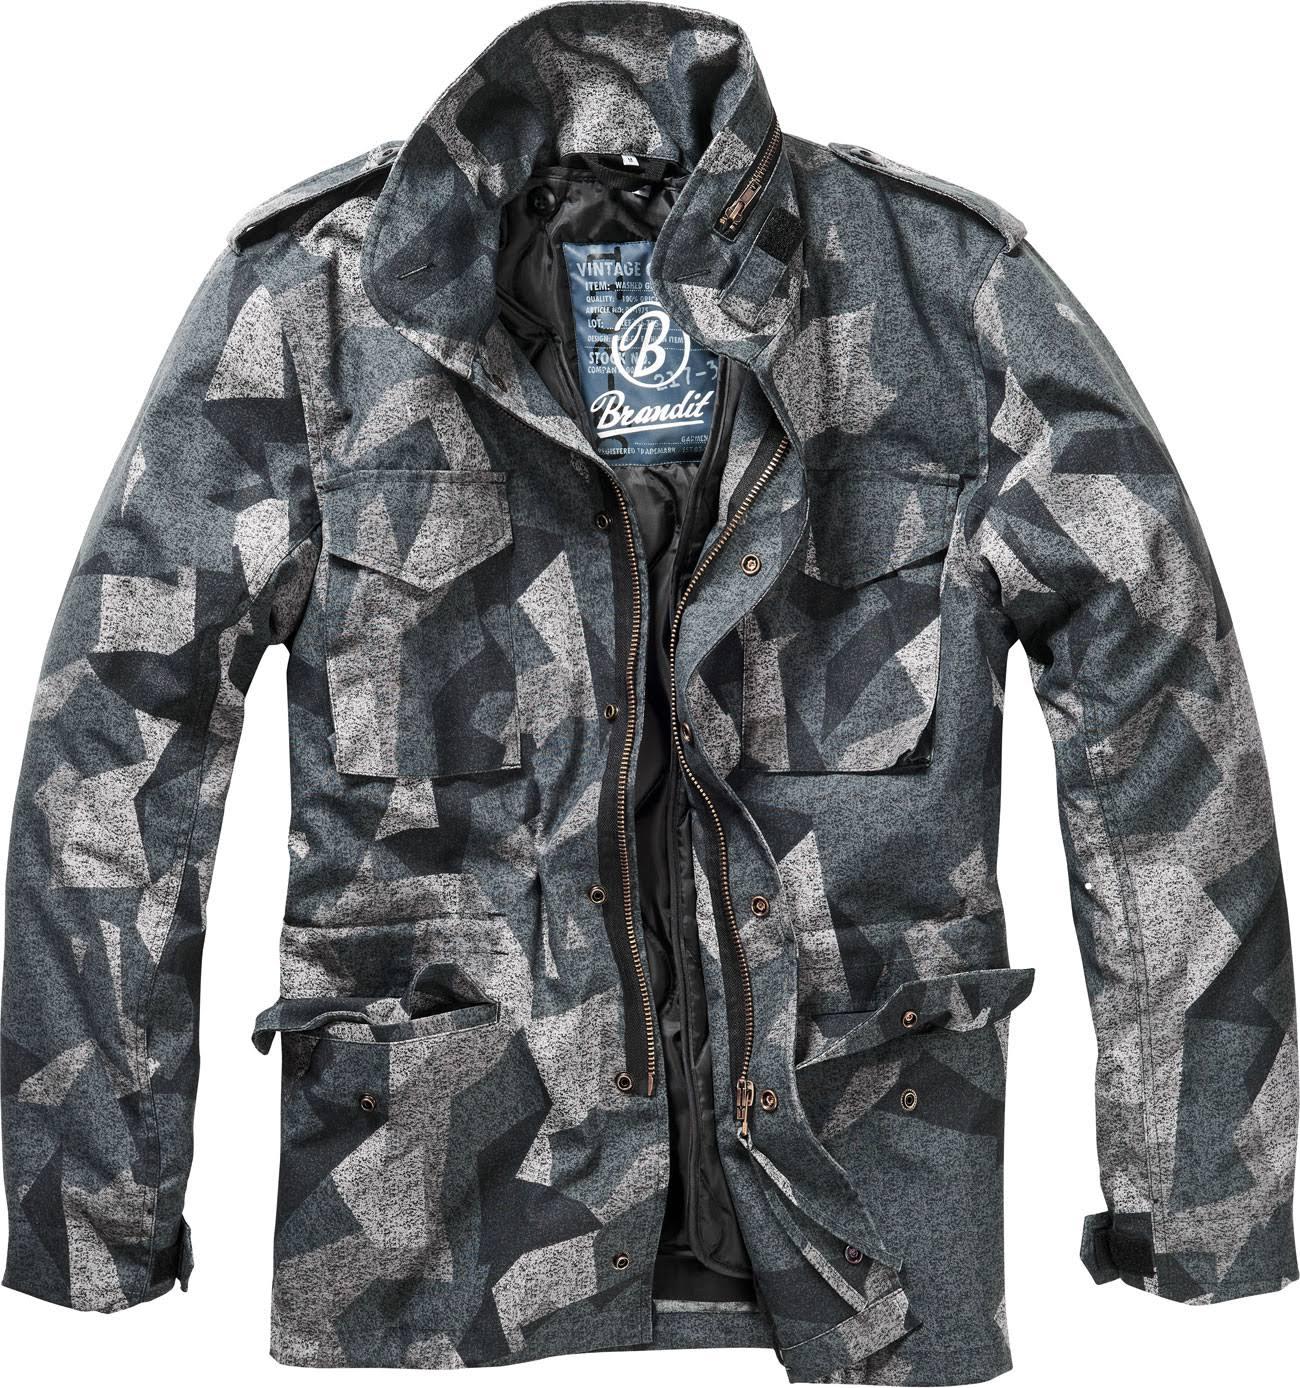 Xxl Regular Textil 65 Brandit Darkcamo Chaqueta Hombre Para Clásica M FnwxWxT1q